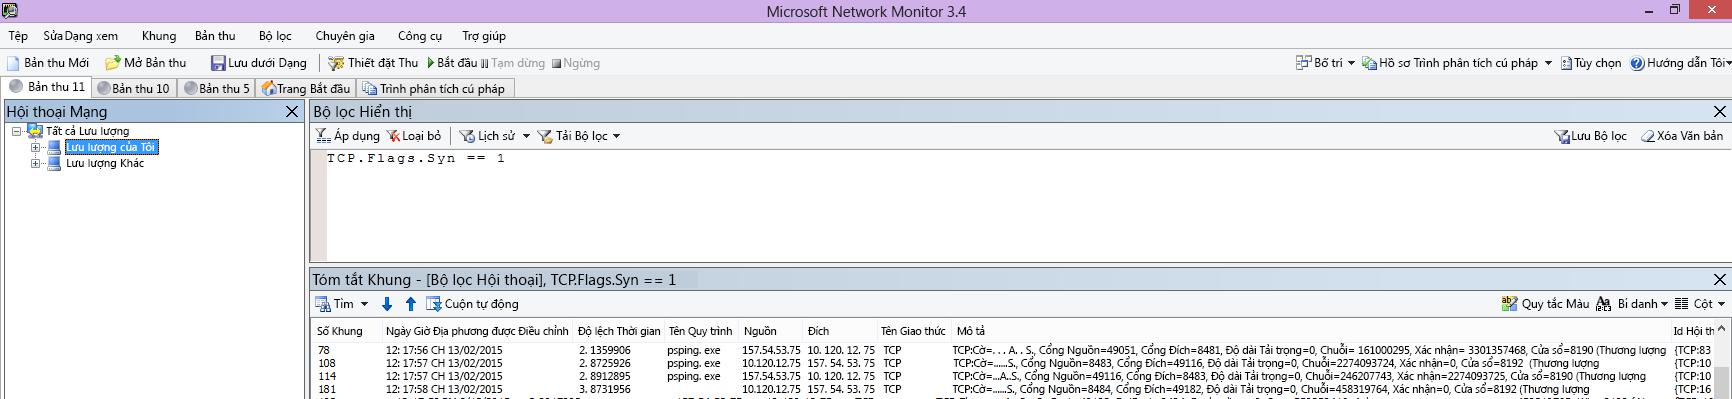 Quy trình dõi vết Netmon từ máy khách hiển thị lệnh PSPing giống hệt qua bộ lọc TCP.Flags.Syn == 1.